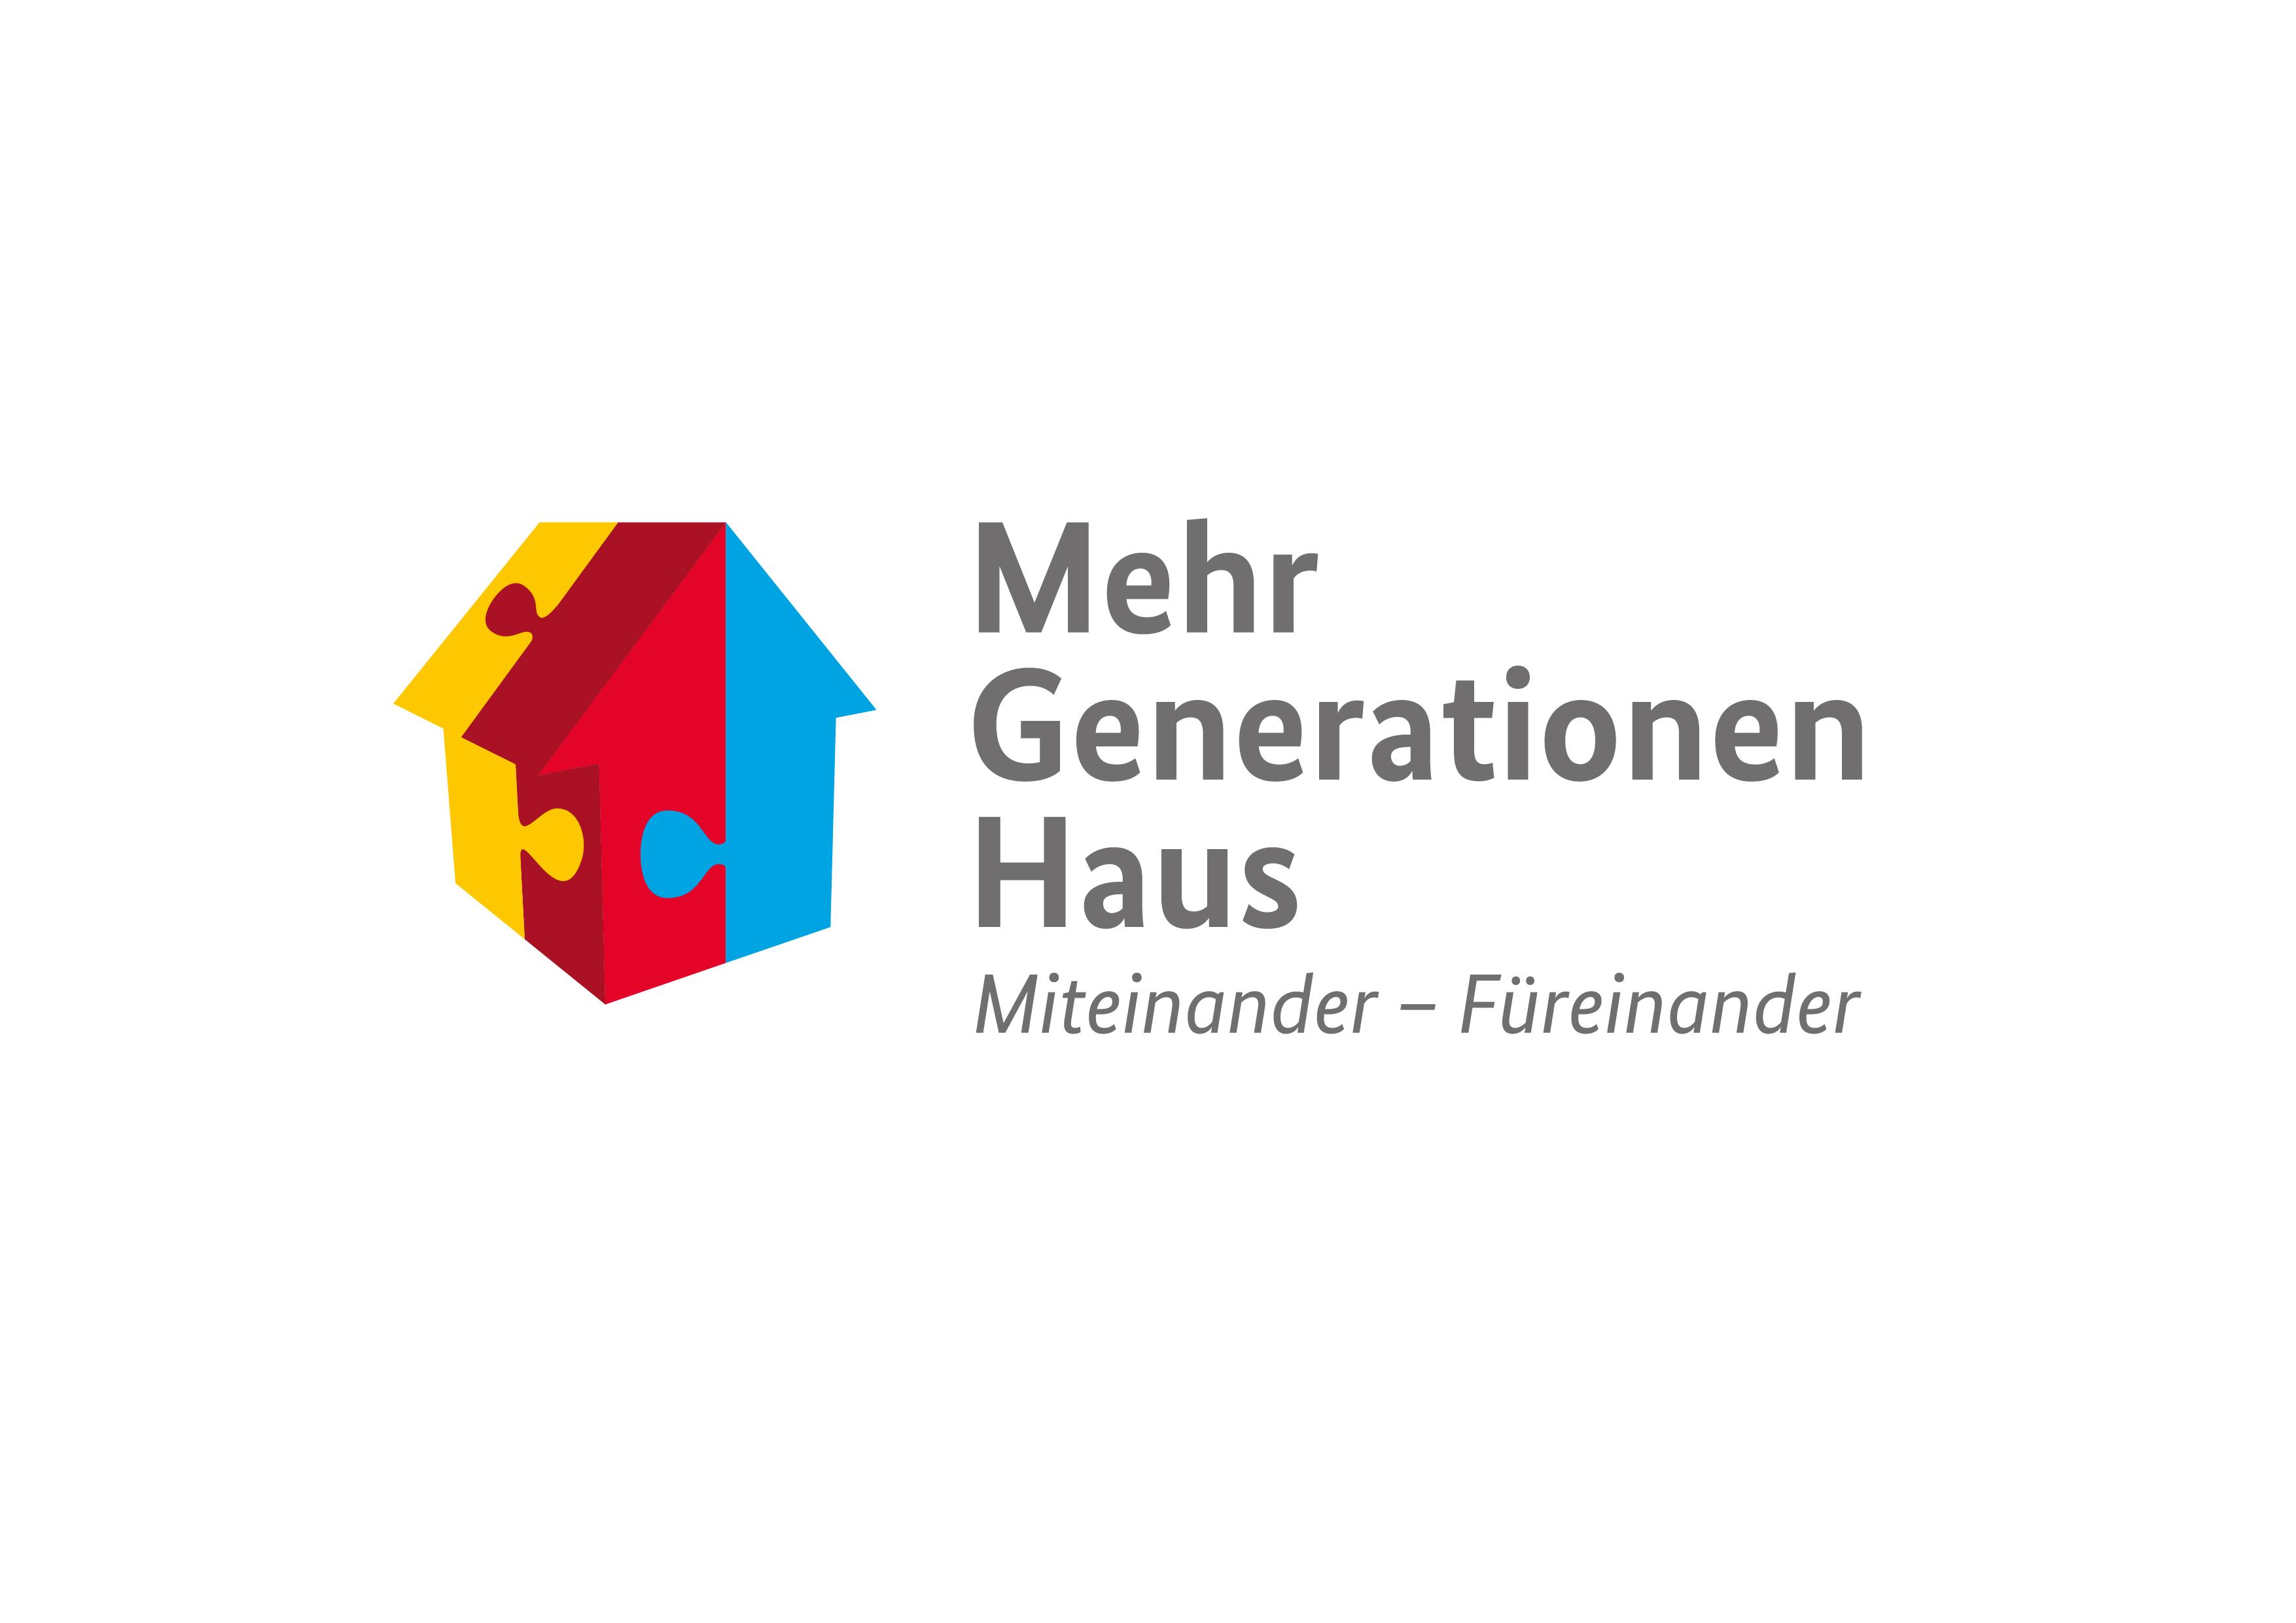 Logo des Bundesprogramms Mehrgenerationenhaus.